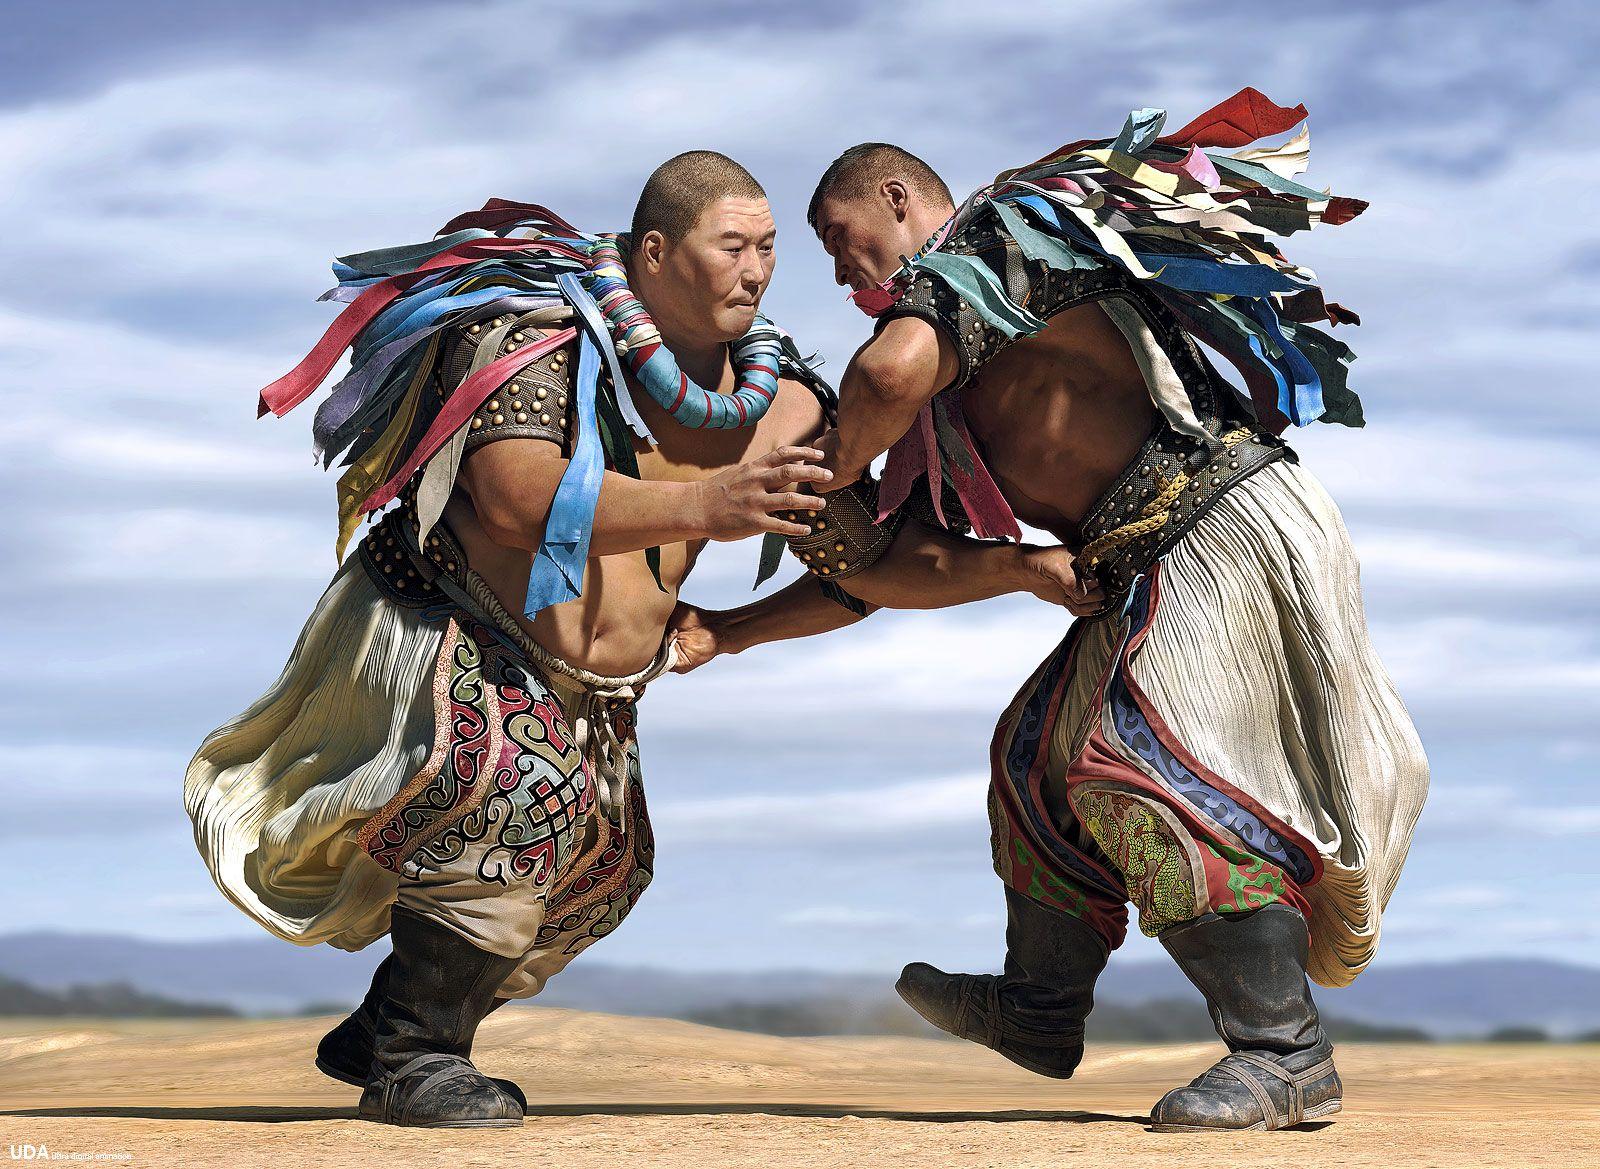 Hot ass mongolian women Inner Mongolia Wrestling By Qianjun 1600px X 1169px Mongolia Mongolian People Inner Mongolia